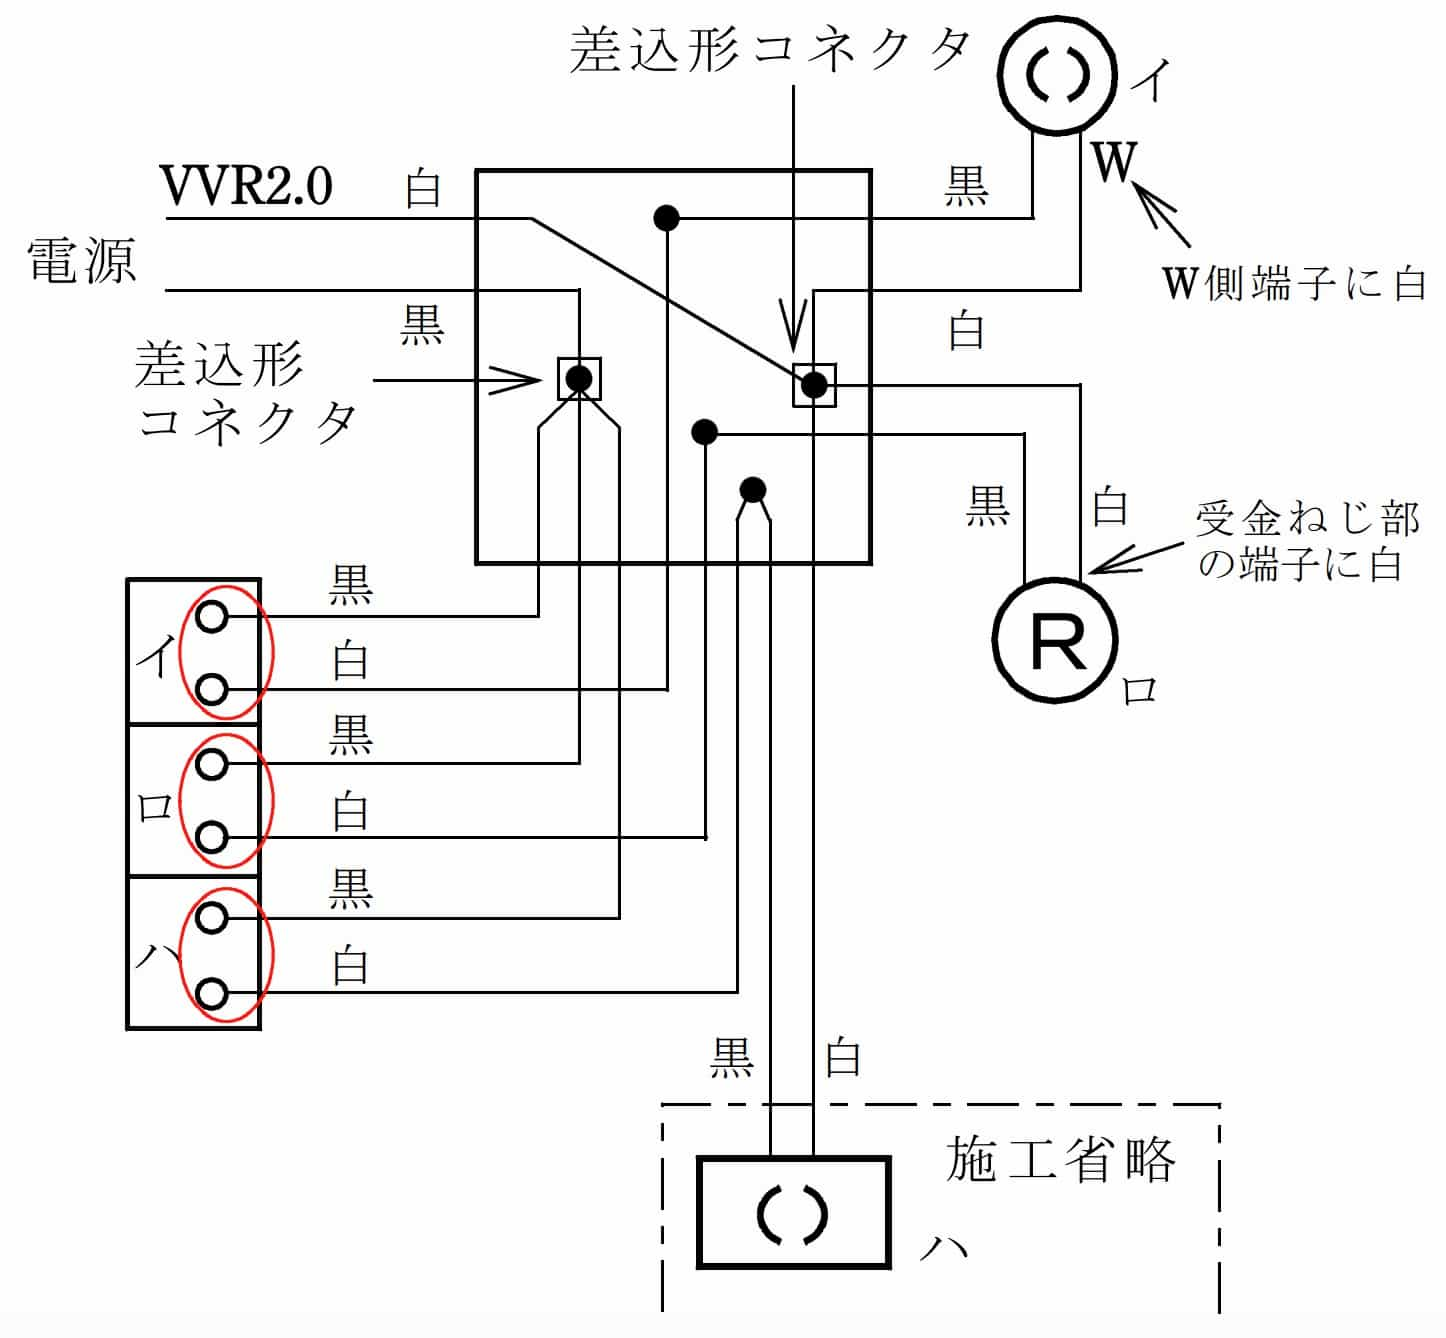 第二種電気工事士の技能試験の試験問題No.8の複線図